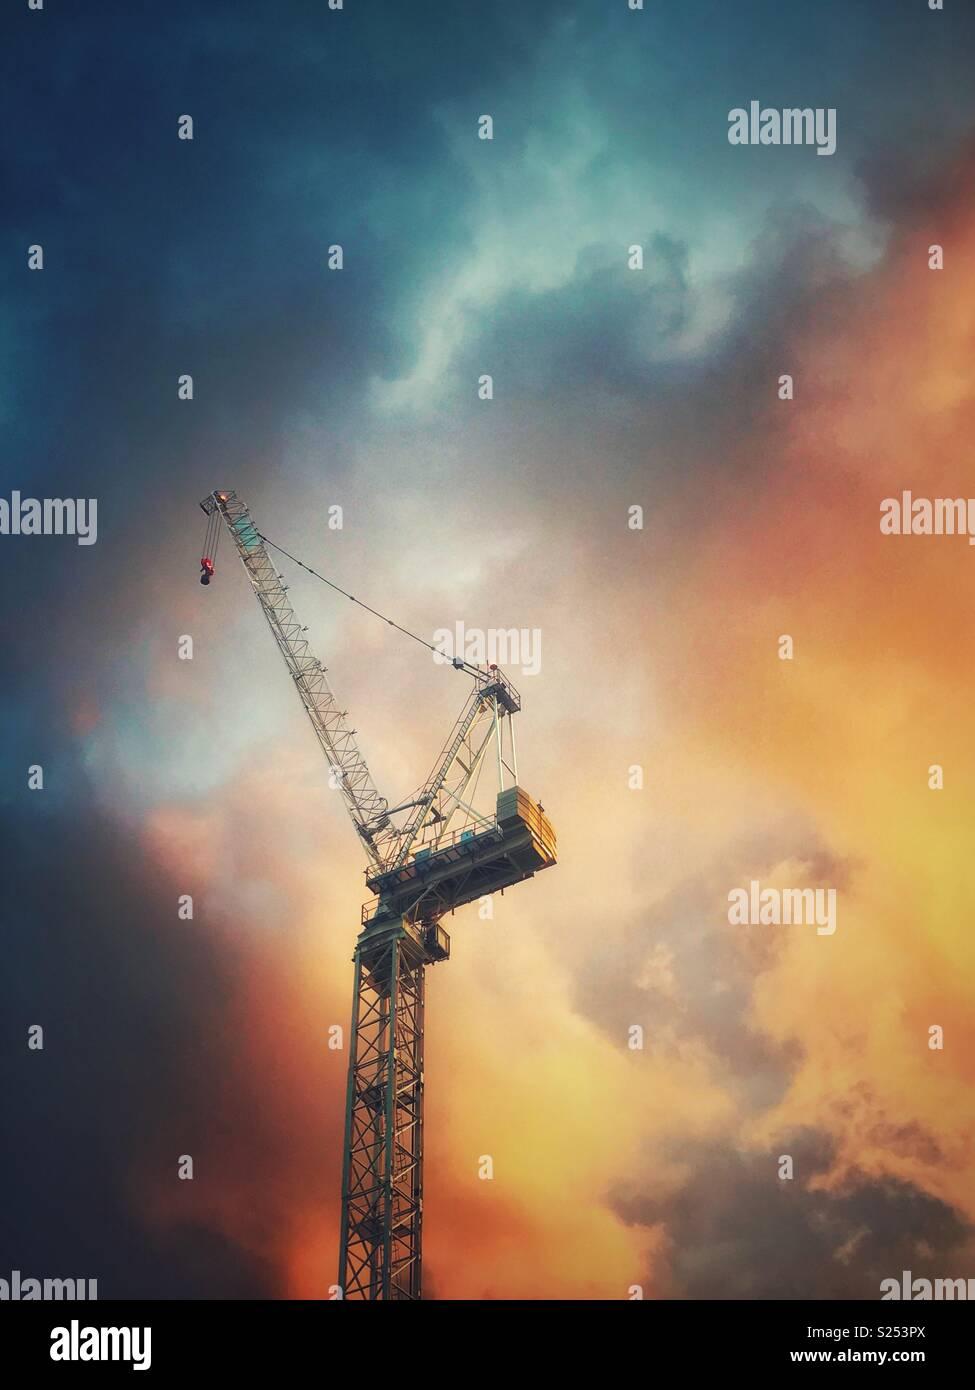 Ein Kran in der Londoner City vor einem hellen Himmel Stockbild